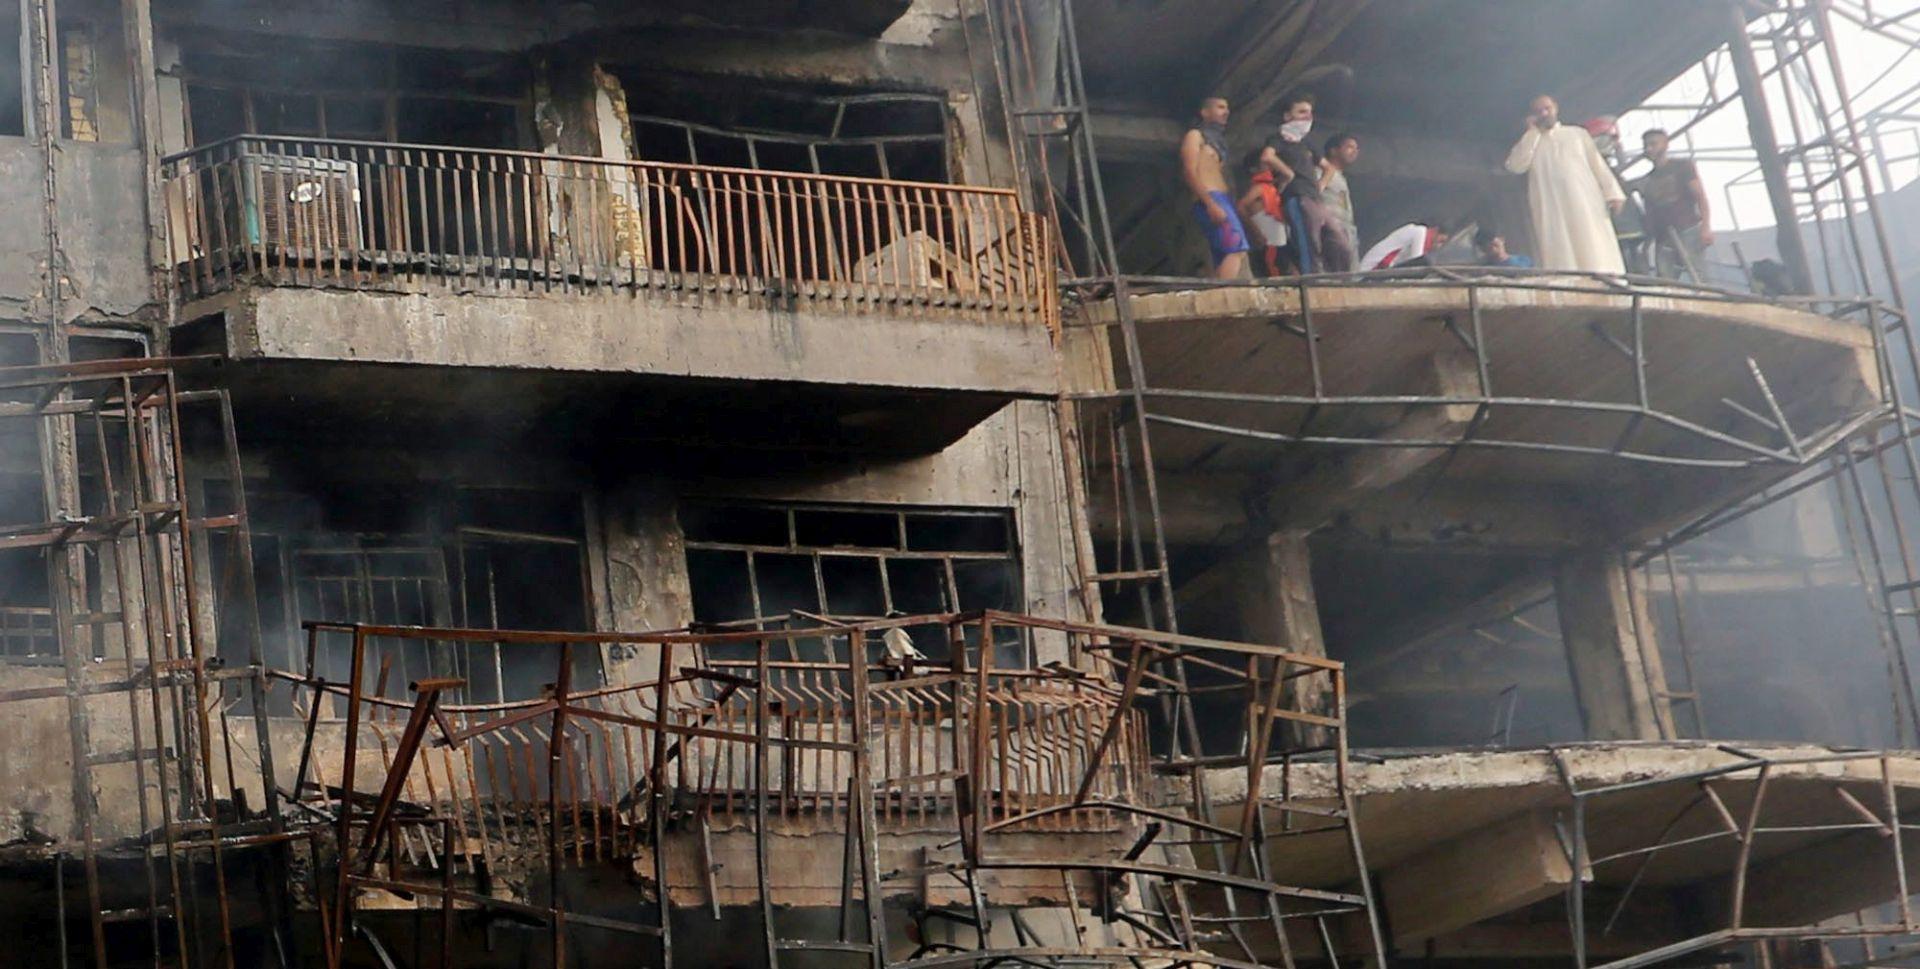 BOMBAŠKI NAPAD U BAGDADU Poginulo najmanje 125 osoba, još 150 ozlijeđeno